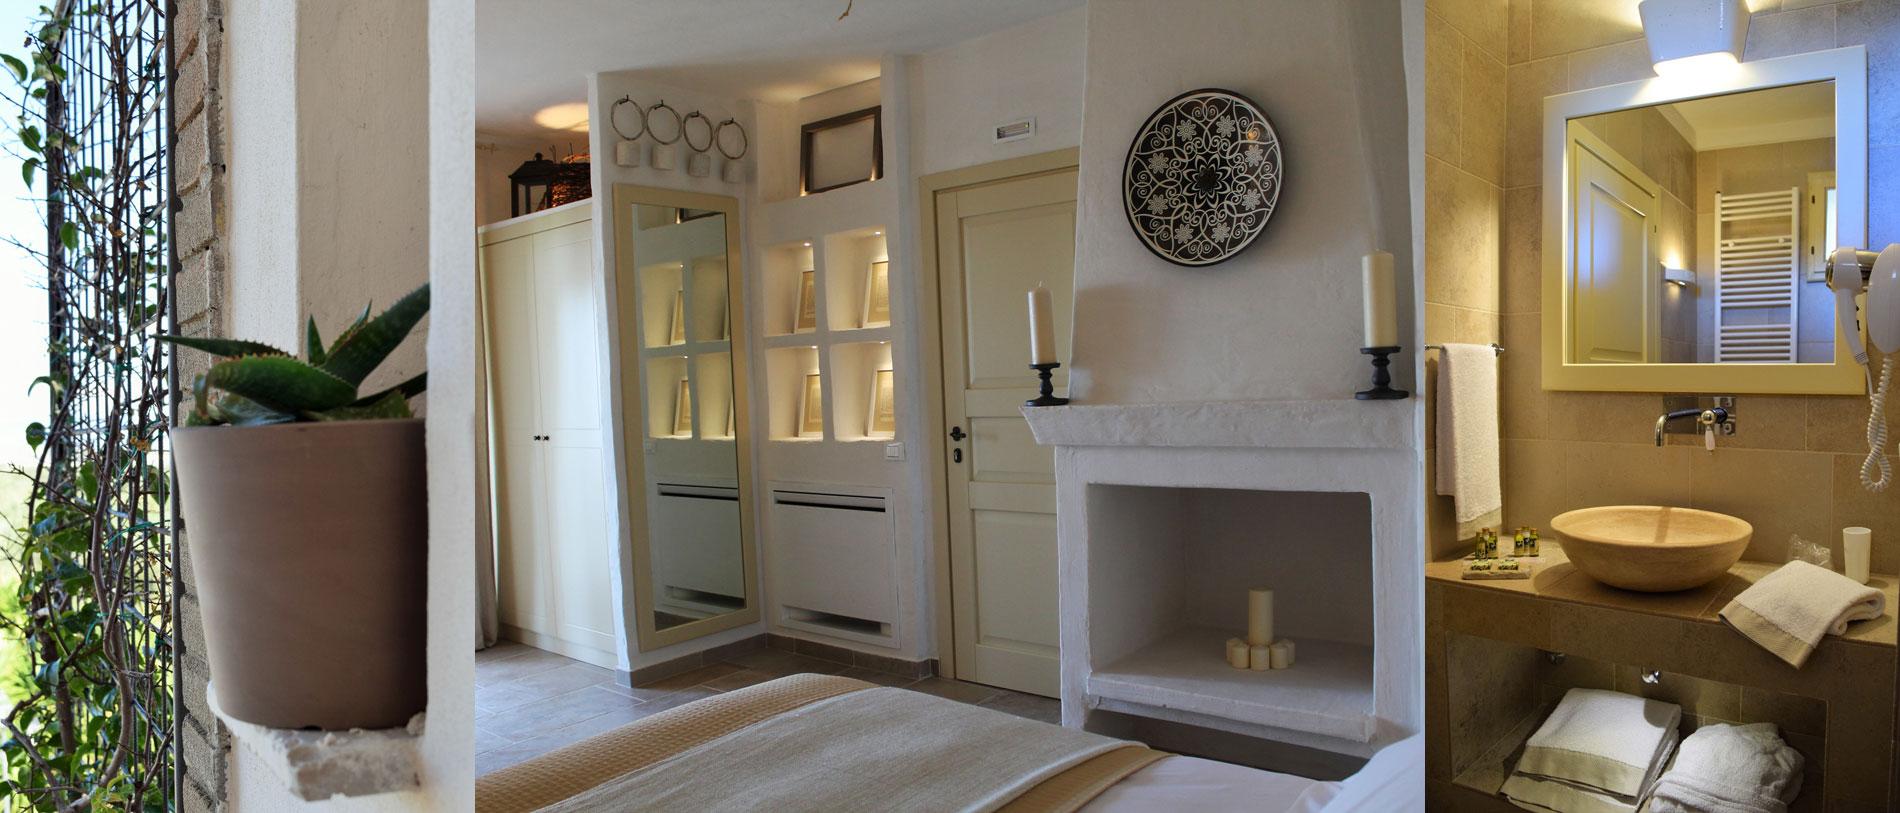 Le nicchie boutique hotel lucera soggiorni charme for Boutique hotel gargano